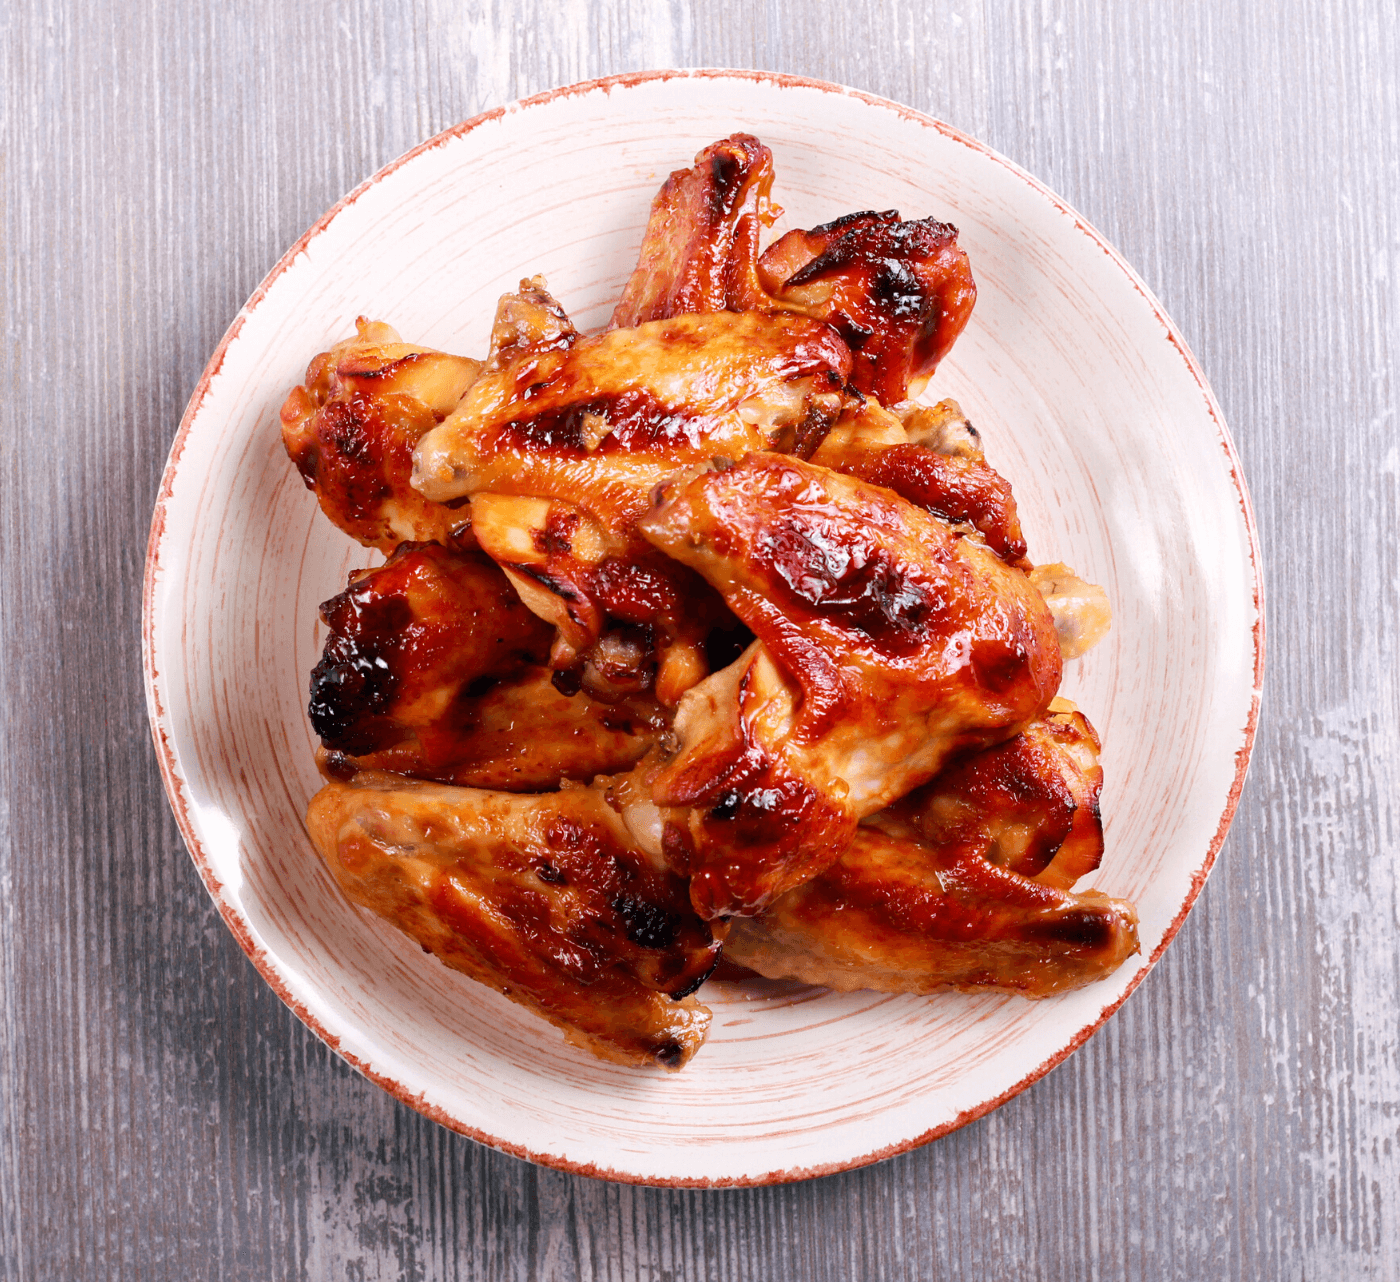 Plate of honey glazed wings.